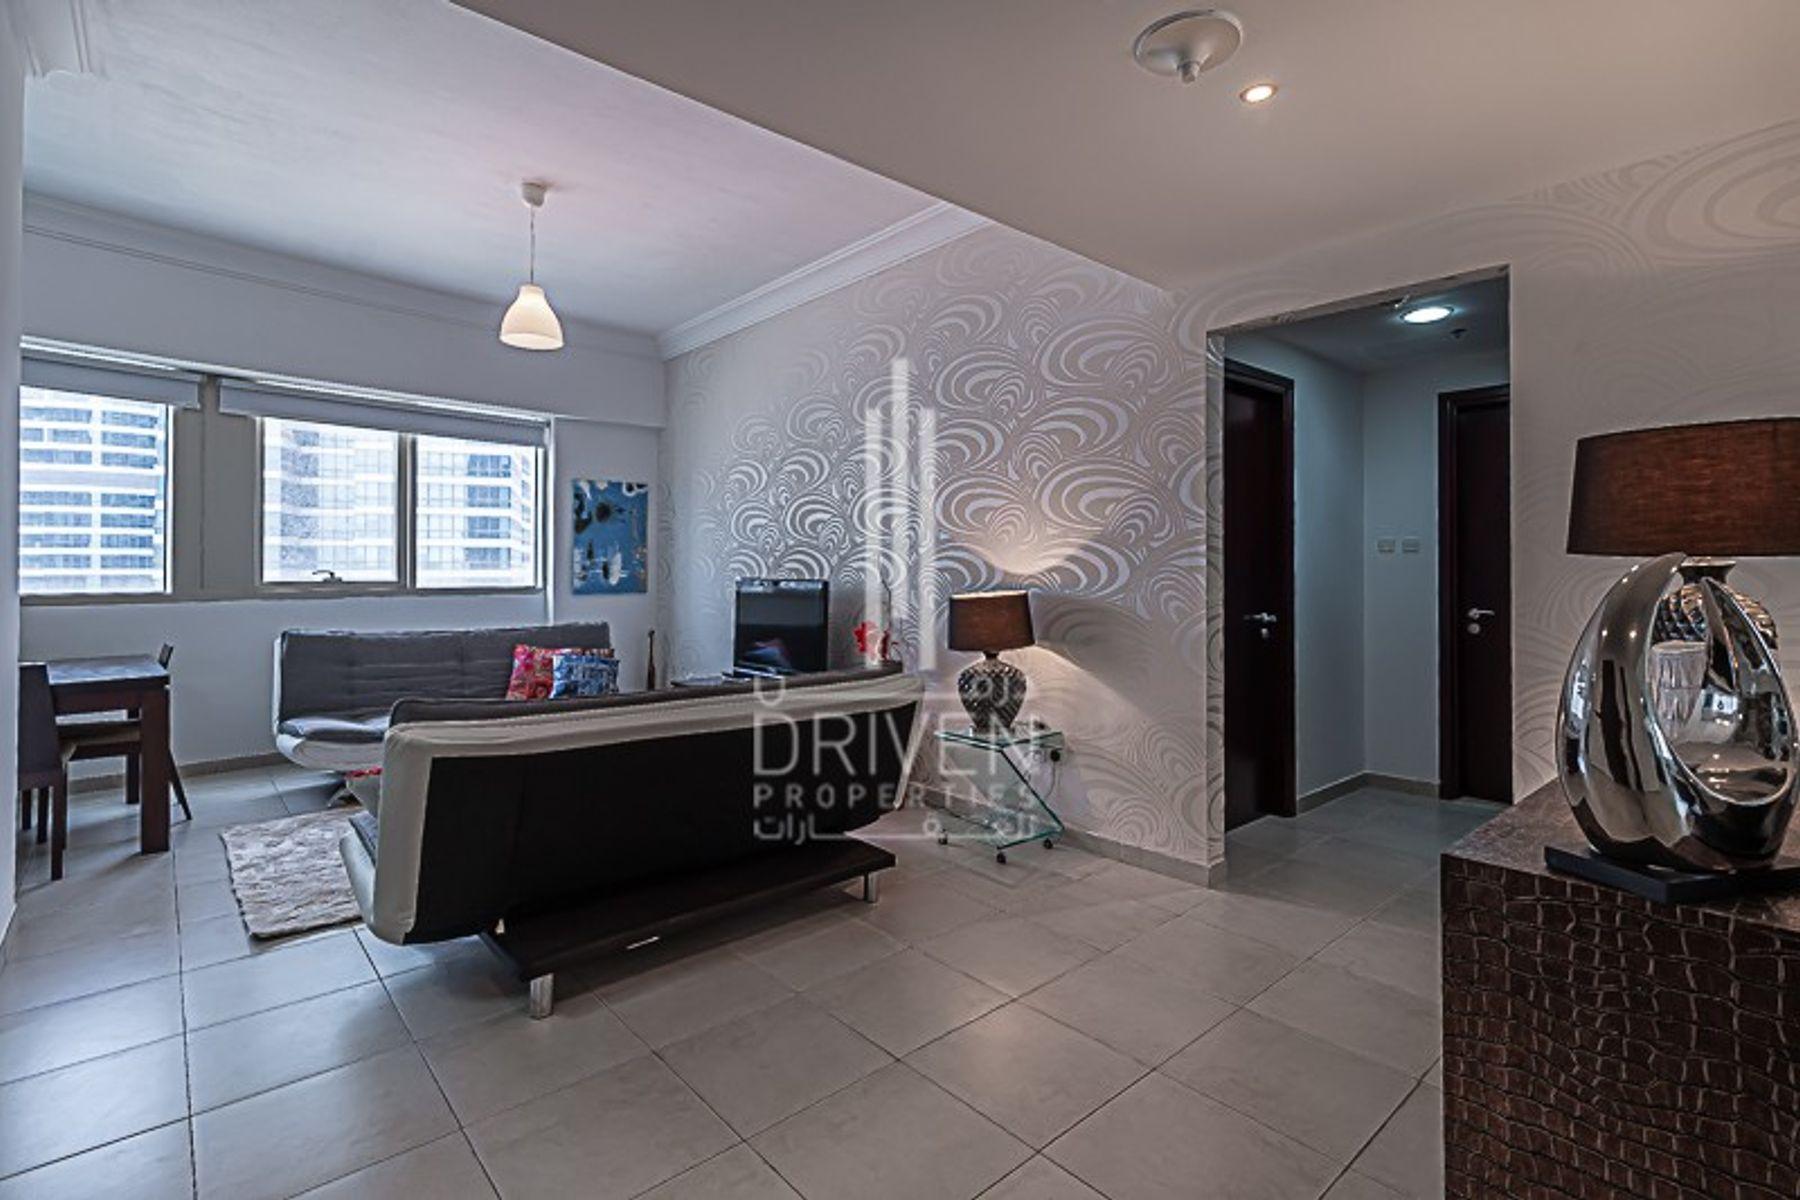 785 قدم مربع  شقة - للبيع - أبراج بحيرة الجميرا